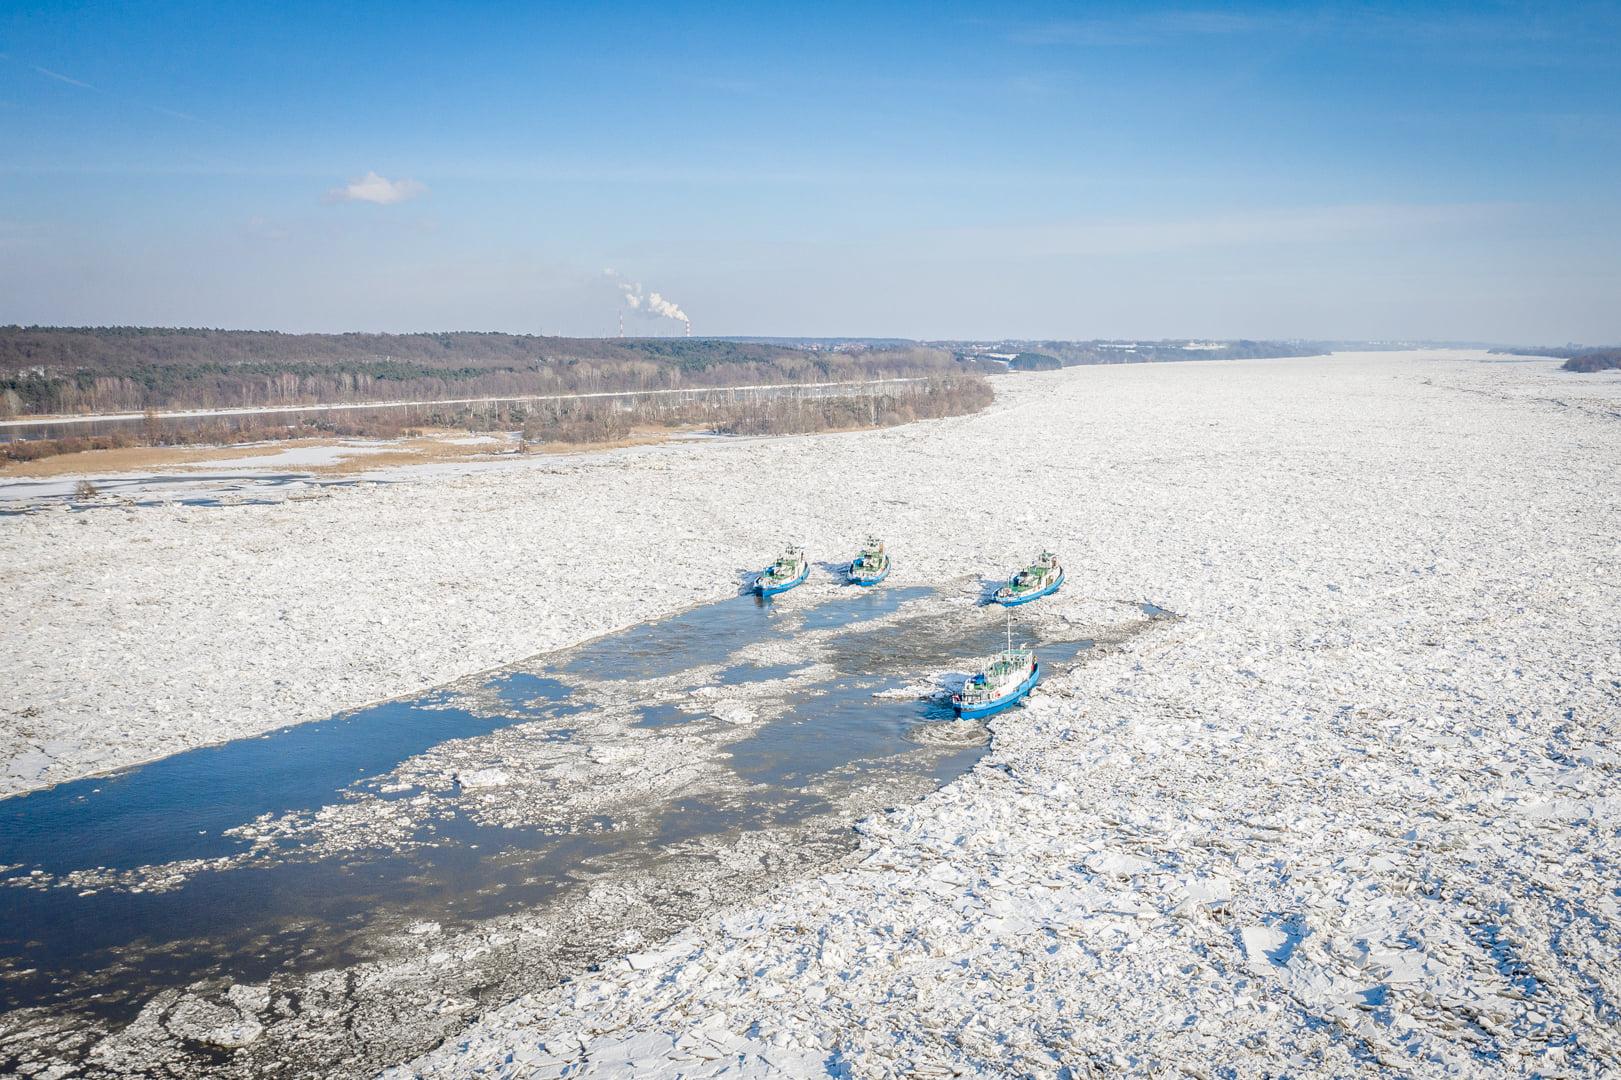 Lodołamacze kontynuują pracę. Kruszą lód i puszczają go przez zaporę we Włocławku  - Zdjęcie główne